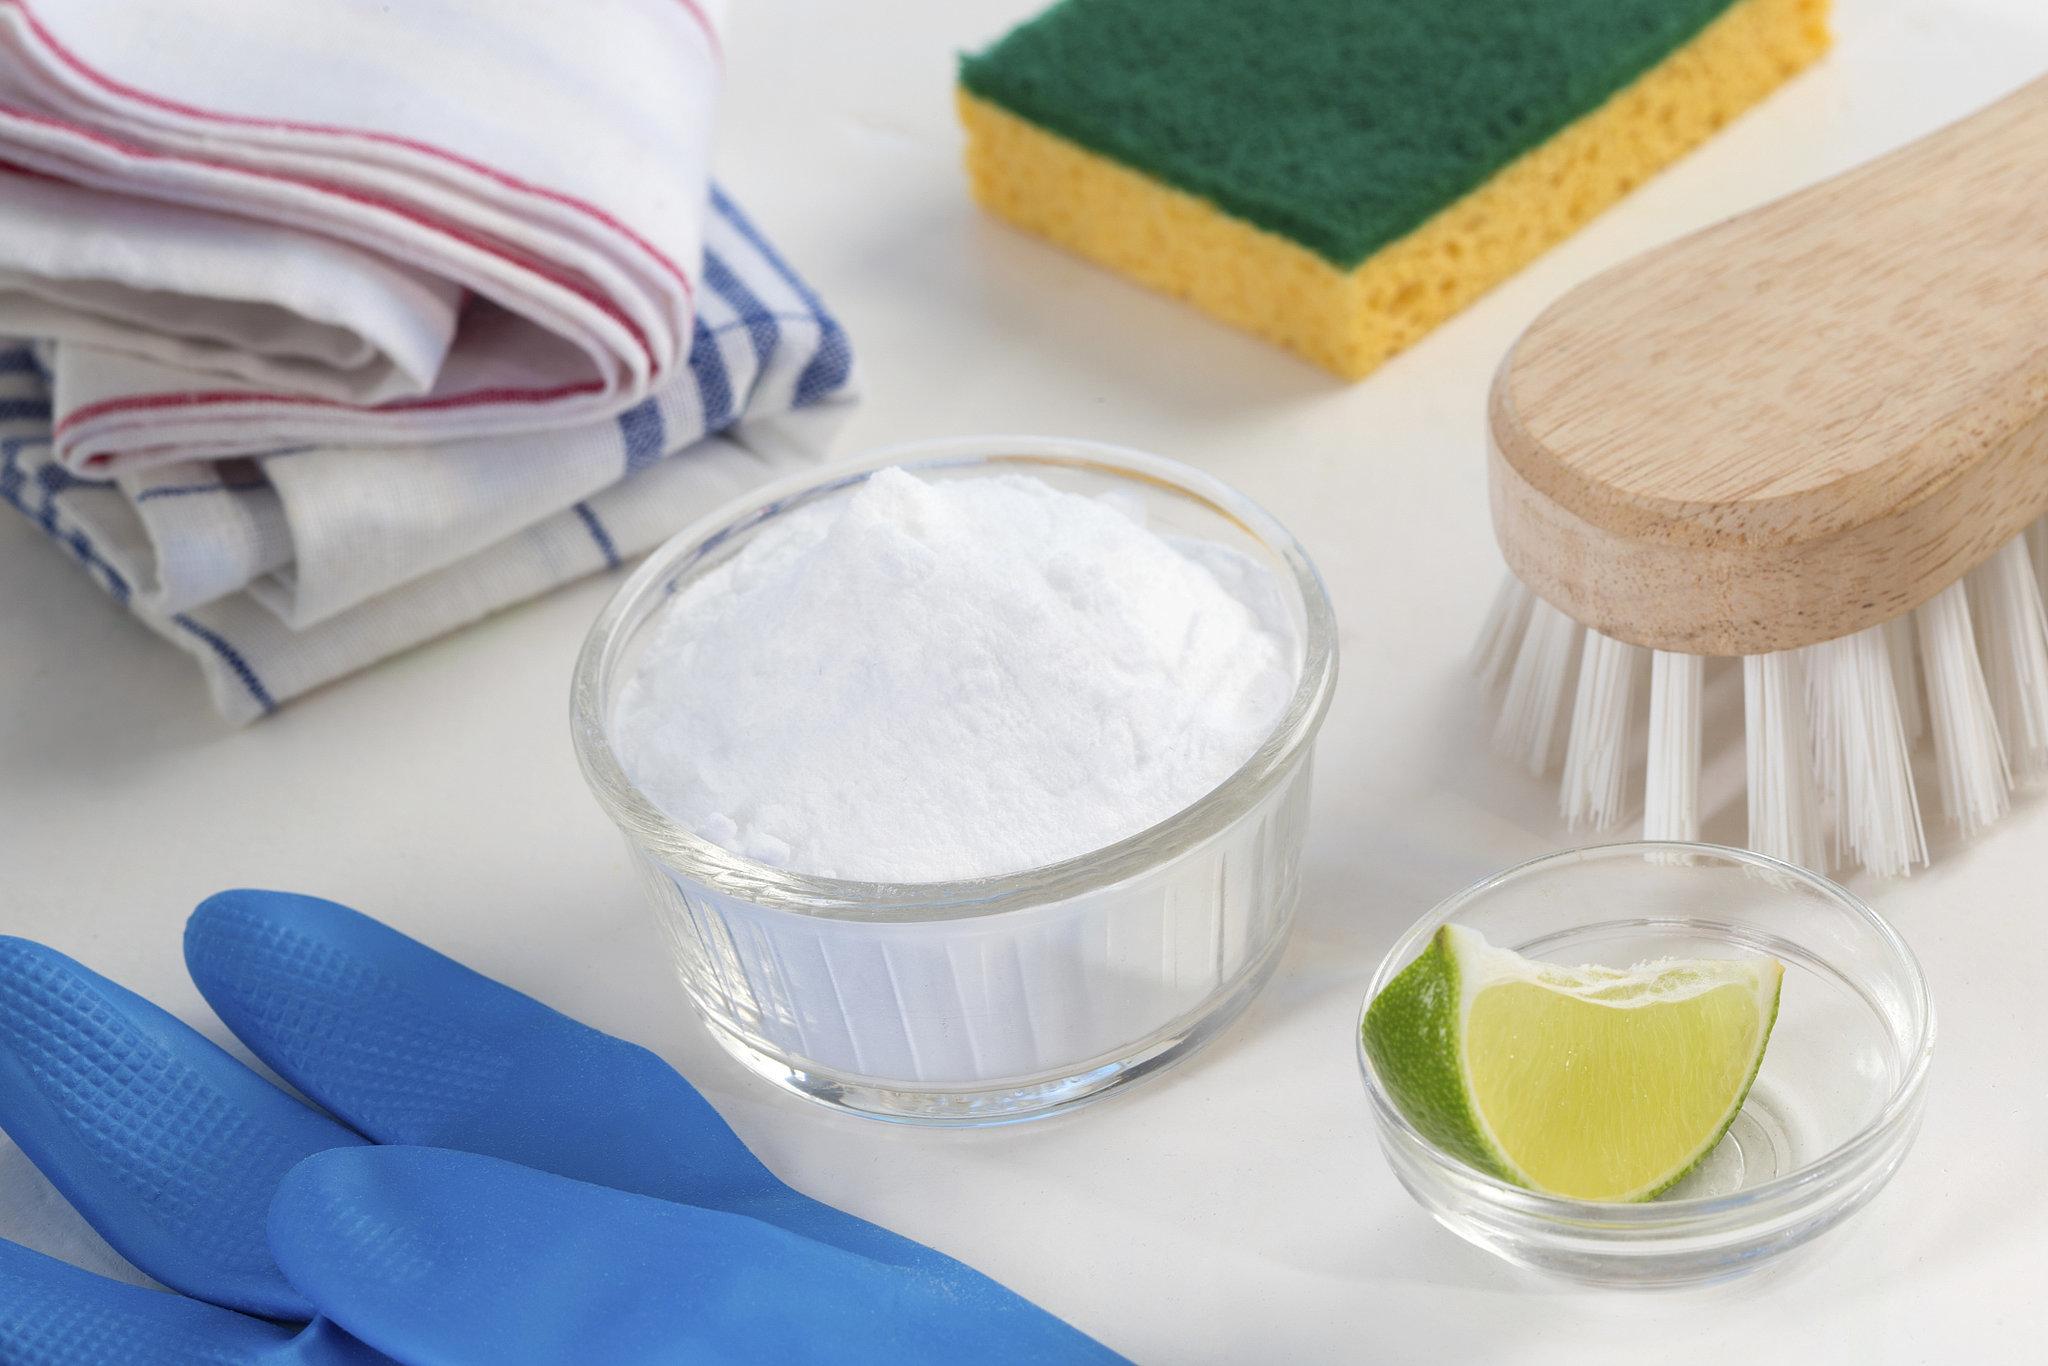 8-cara-membersih-menggunakan-baking-soda